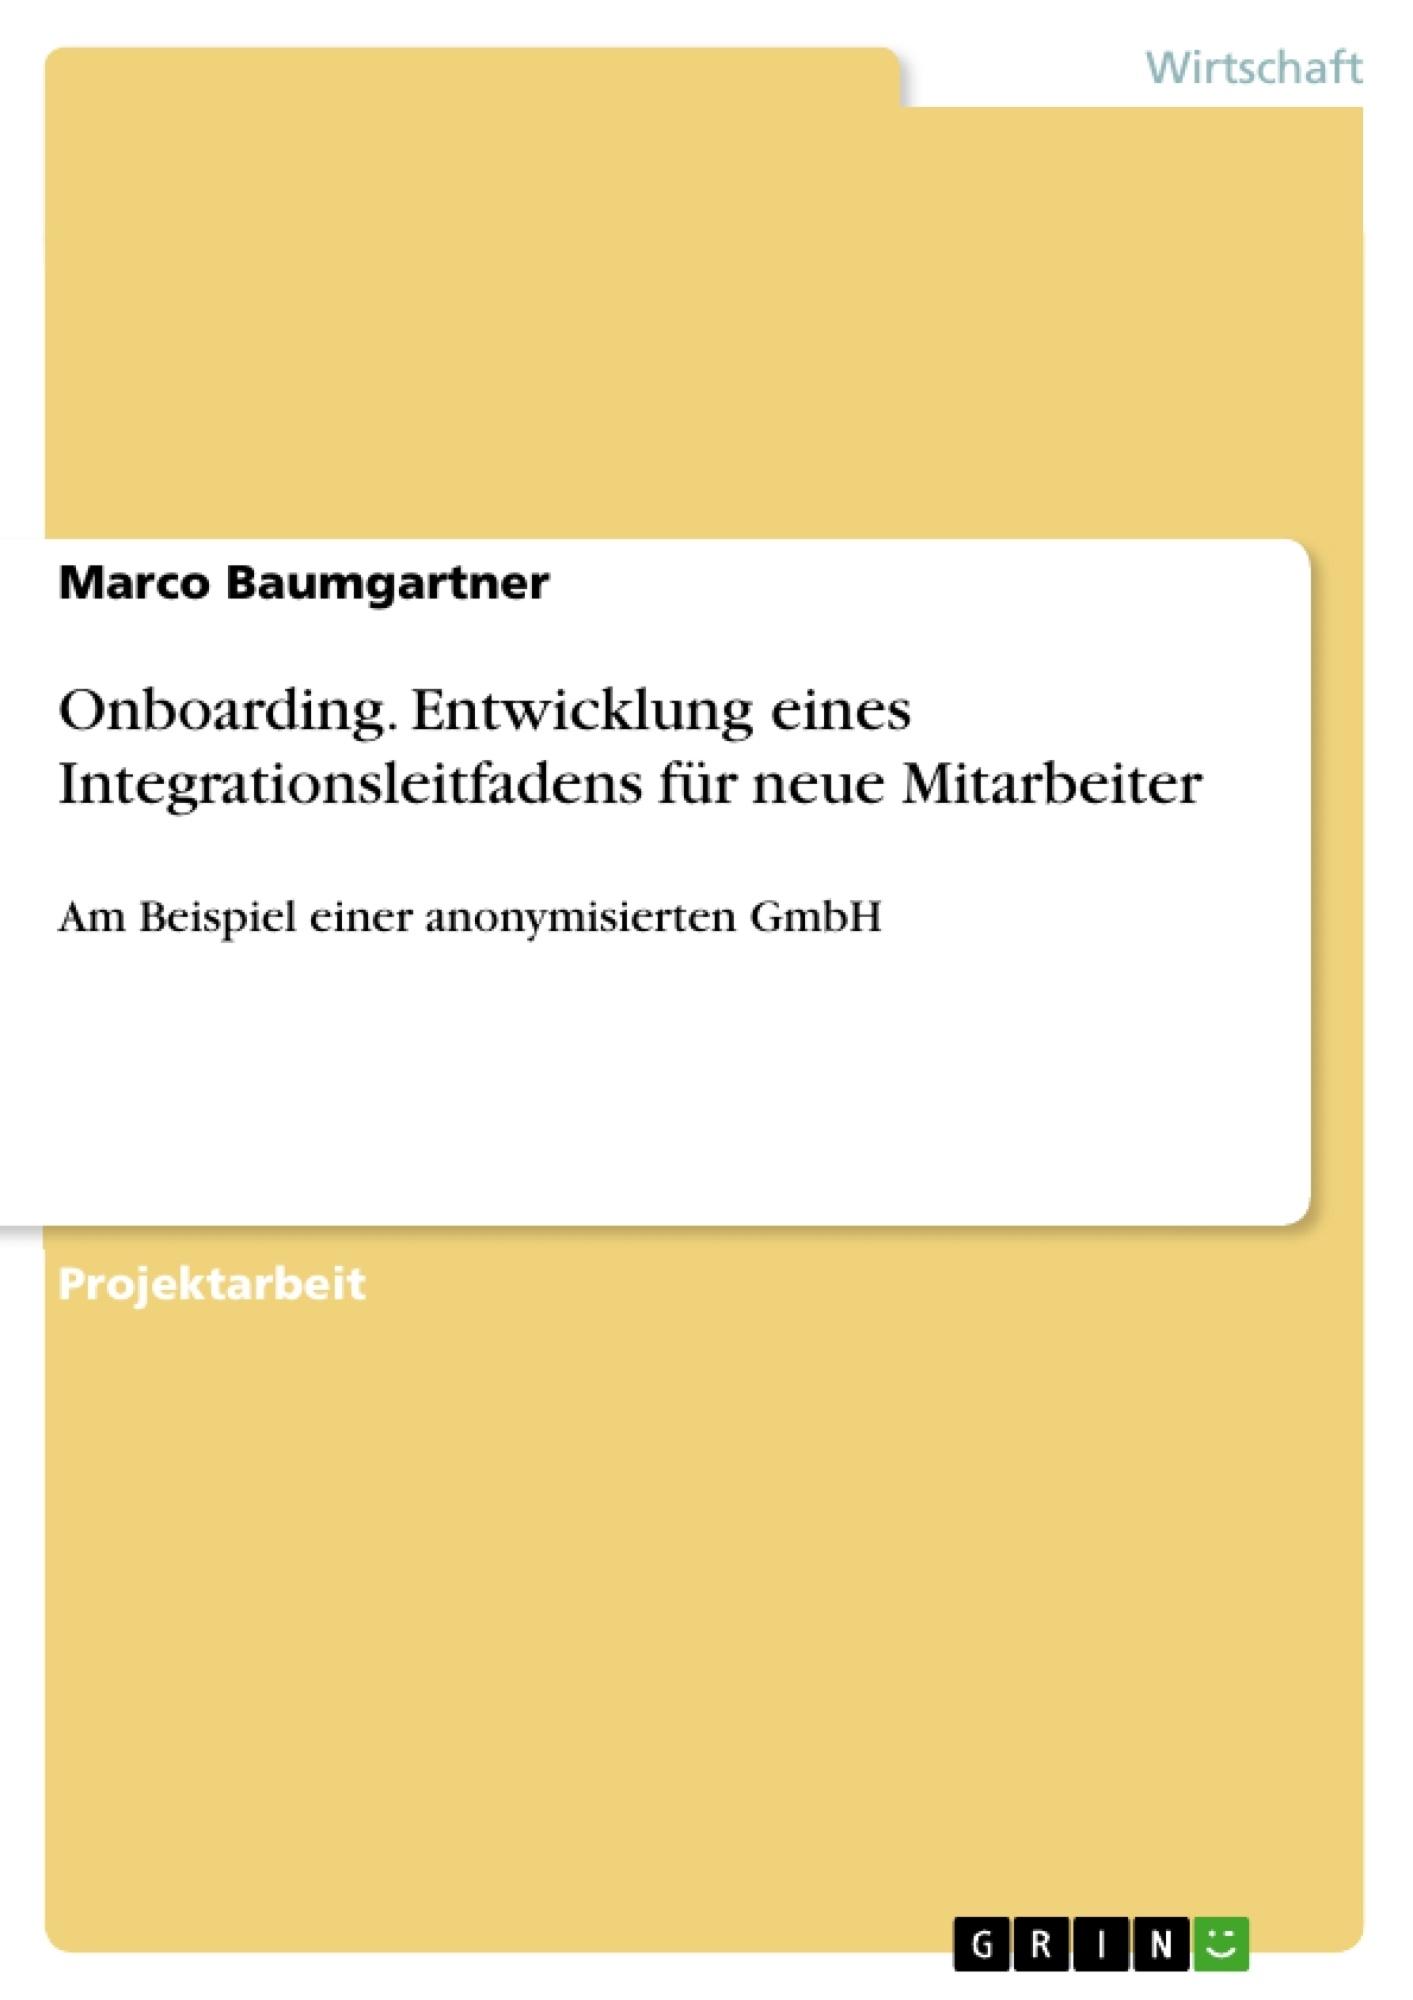 Titel: Onboarding. Entwicklung eines Integrationsleitfadens für neue Mitarbeiter